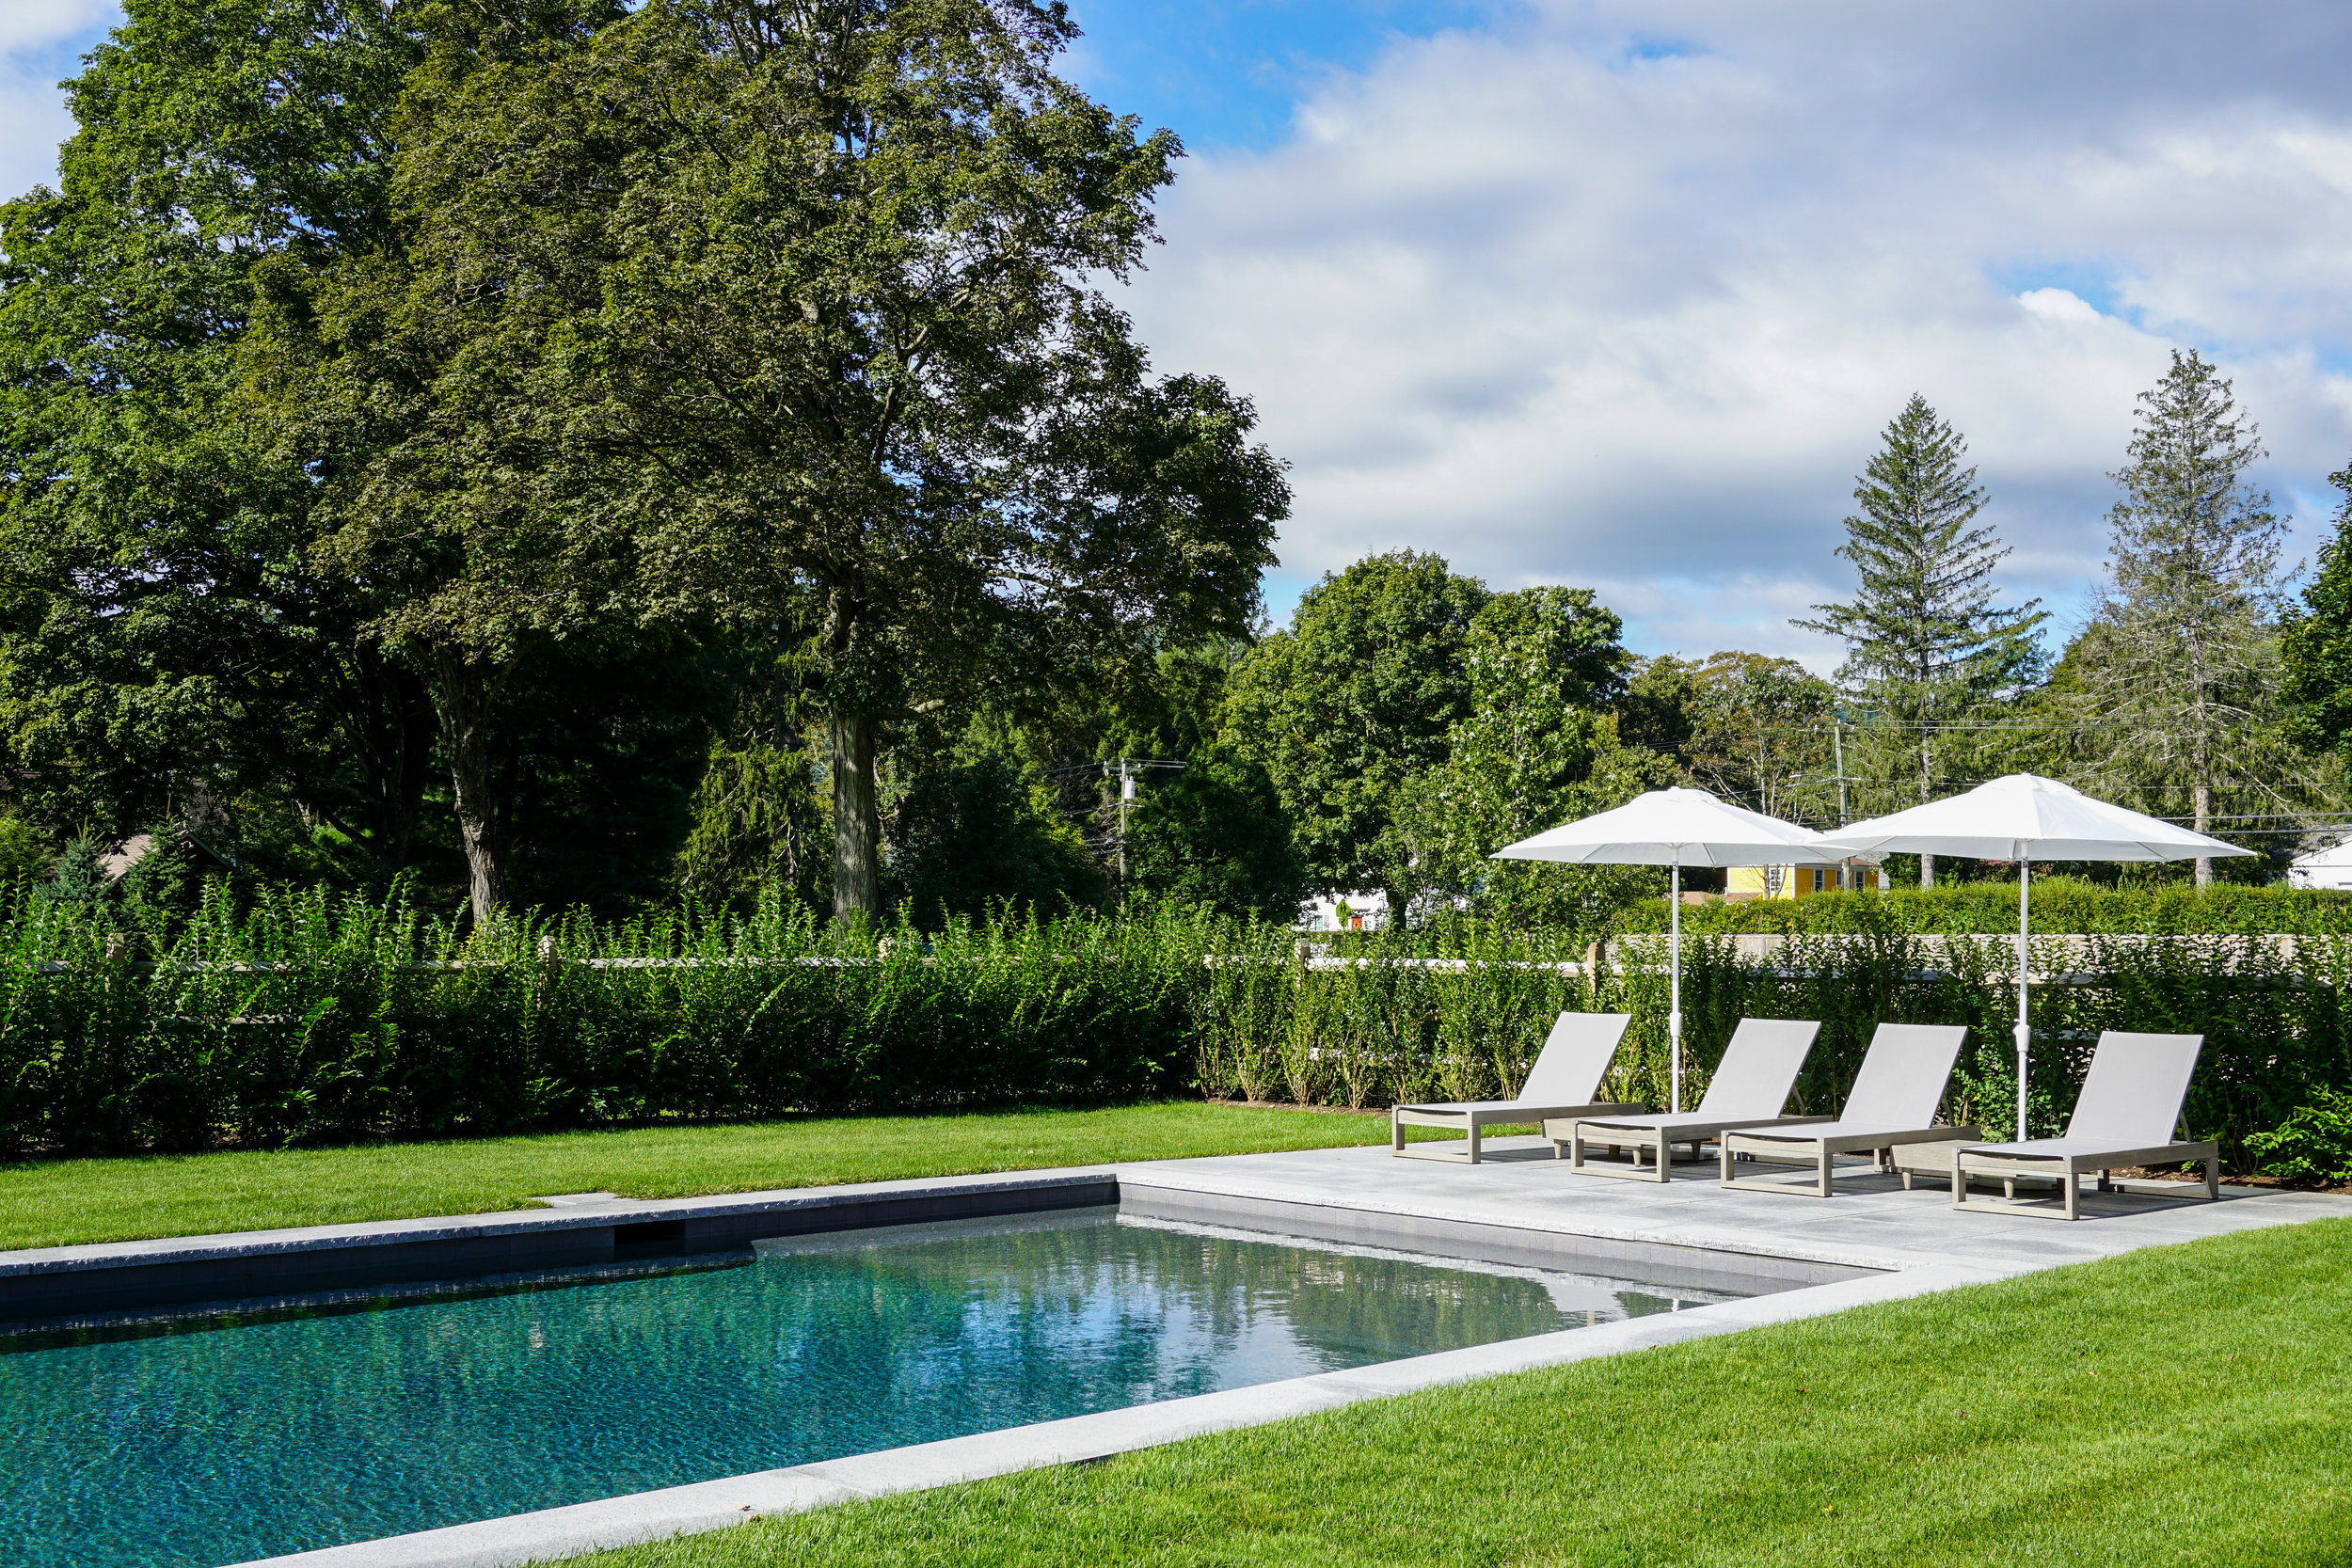 In-ground gunite swimming pool